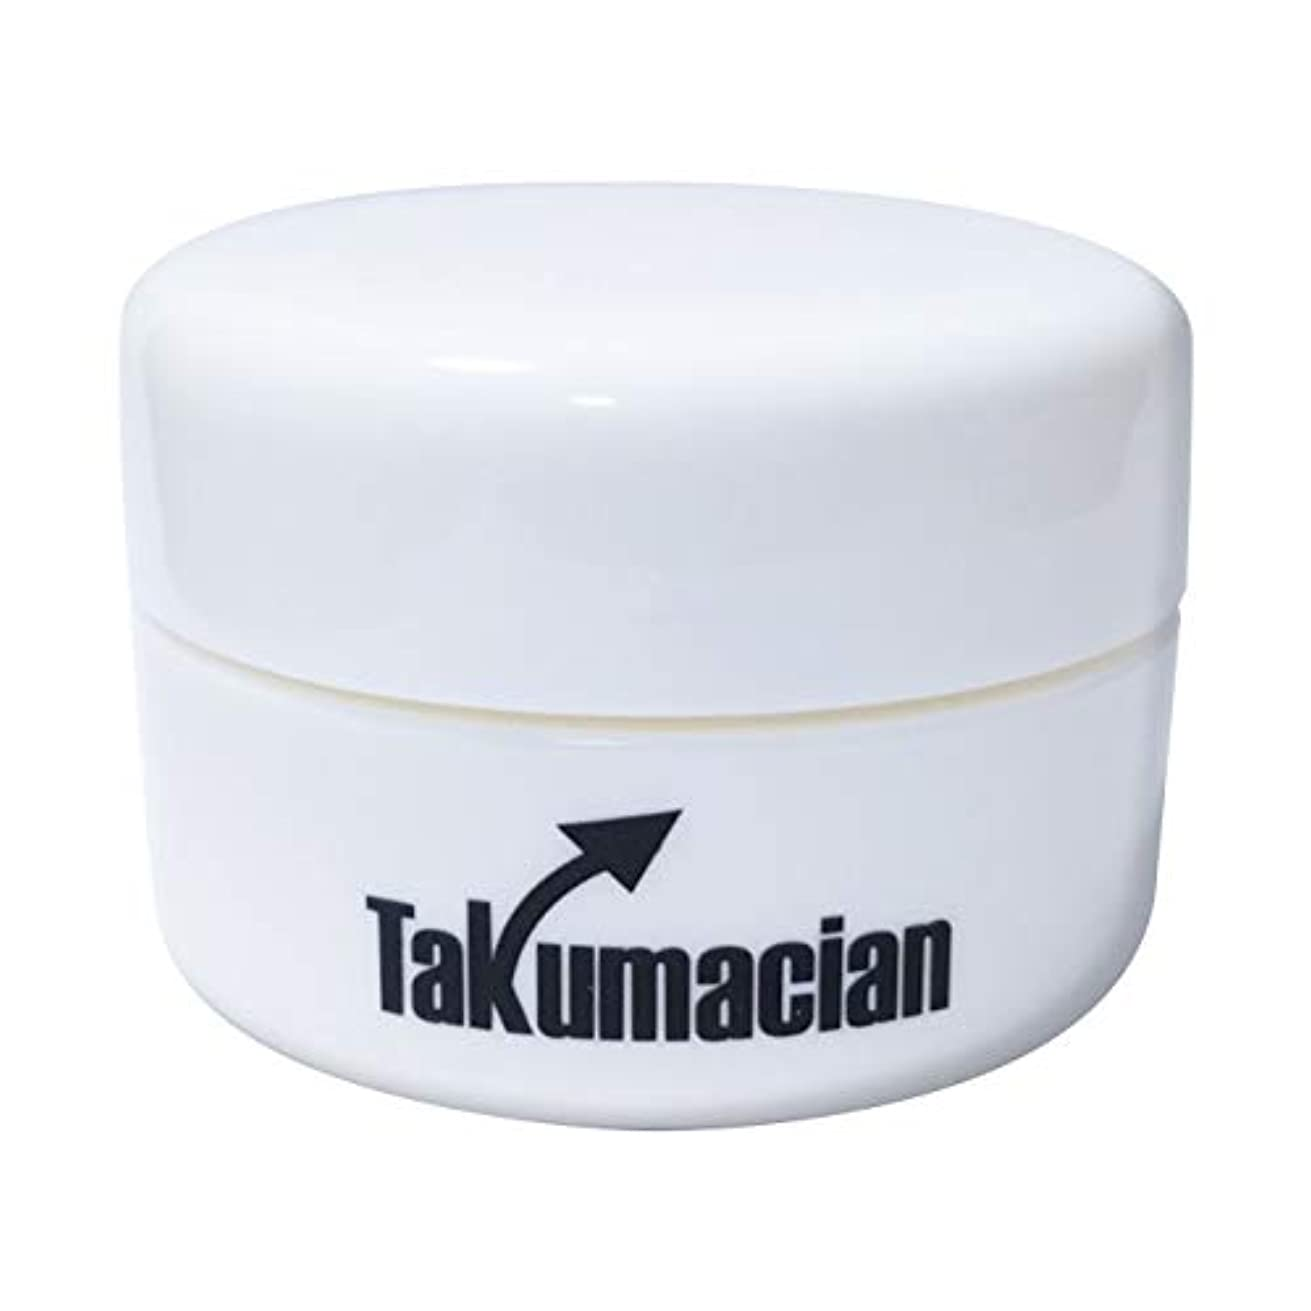 日食好む教科書Takumacian タクマシアン ボディ用クリーム 男性用 長持ち 自信